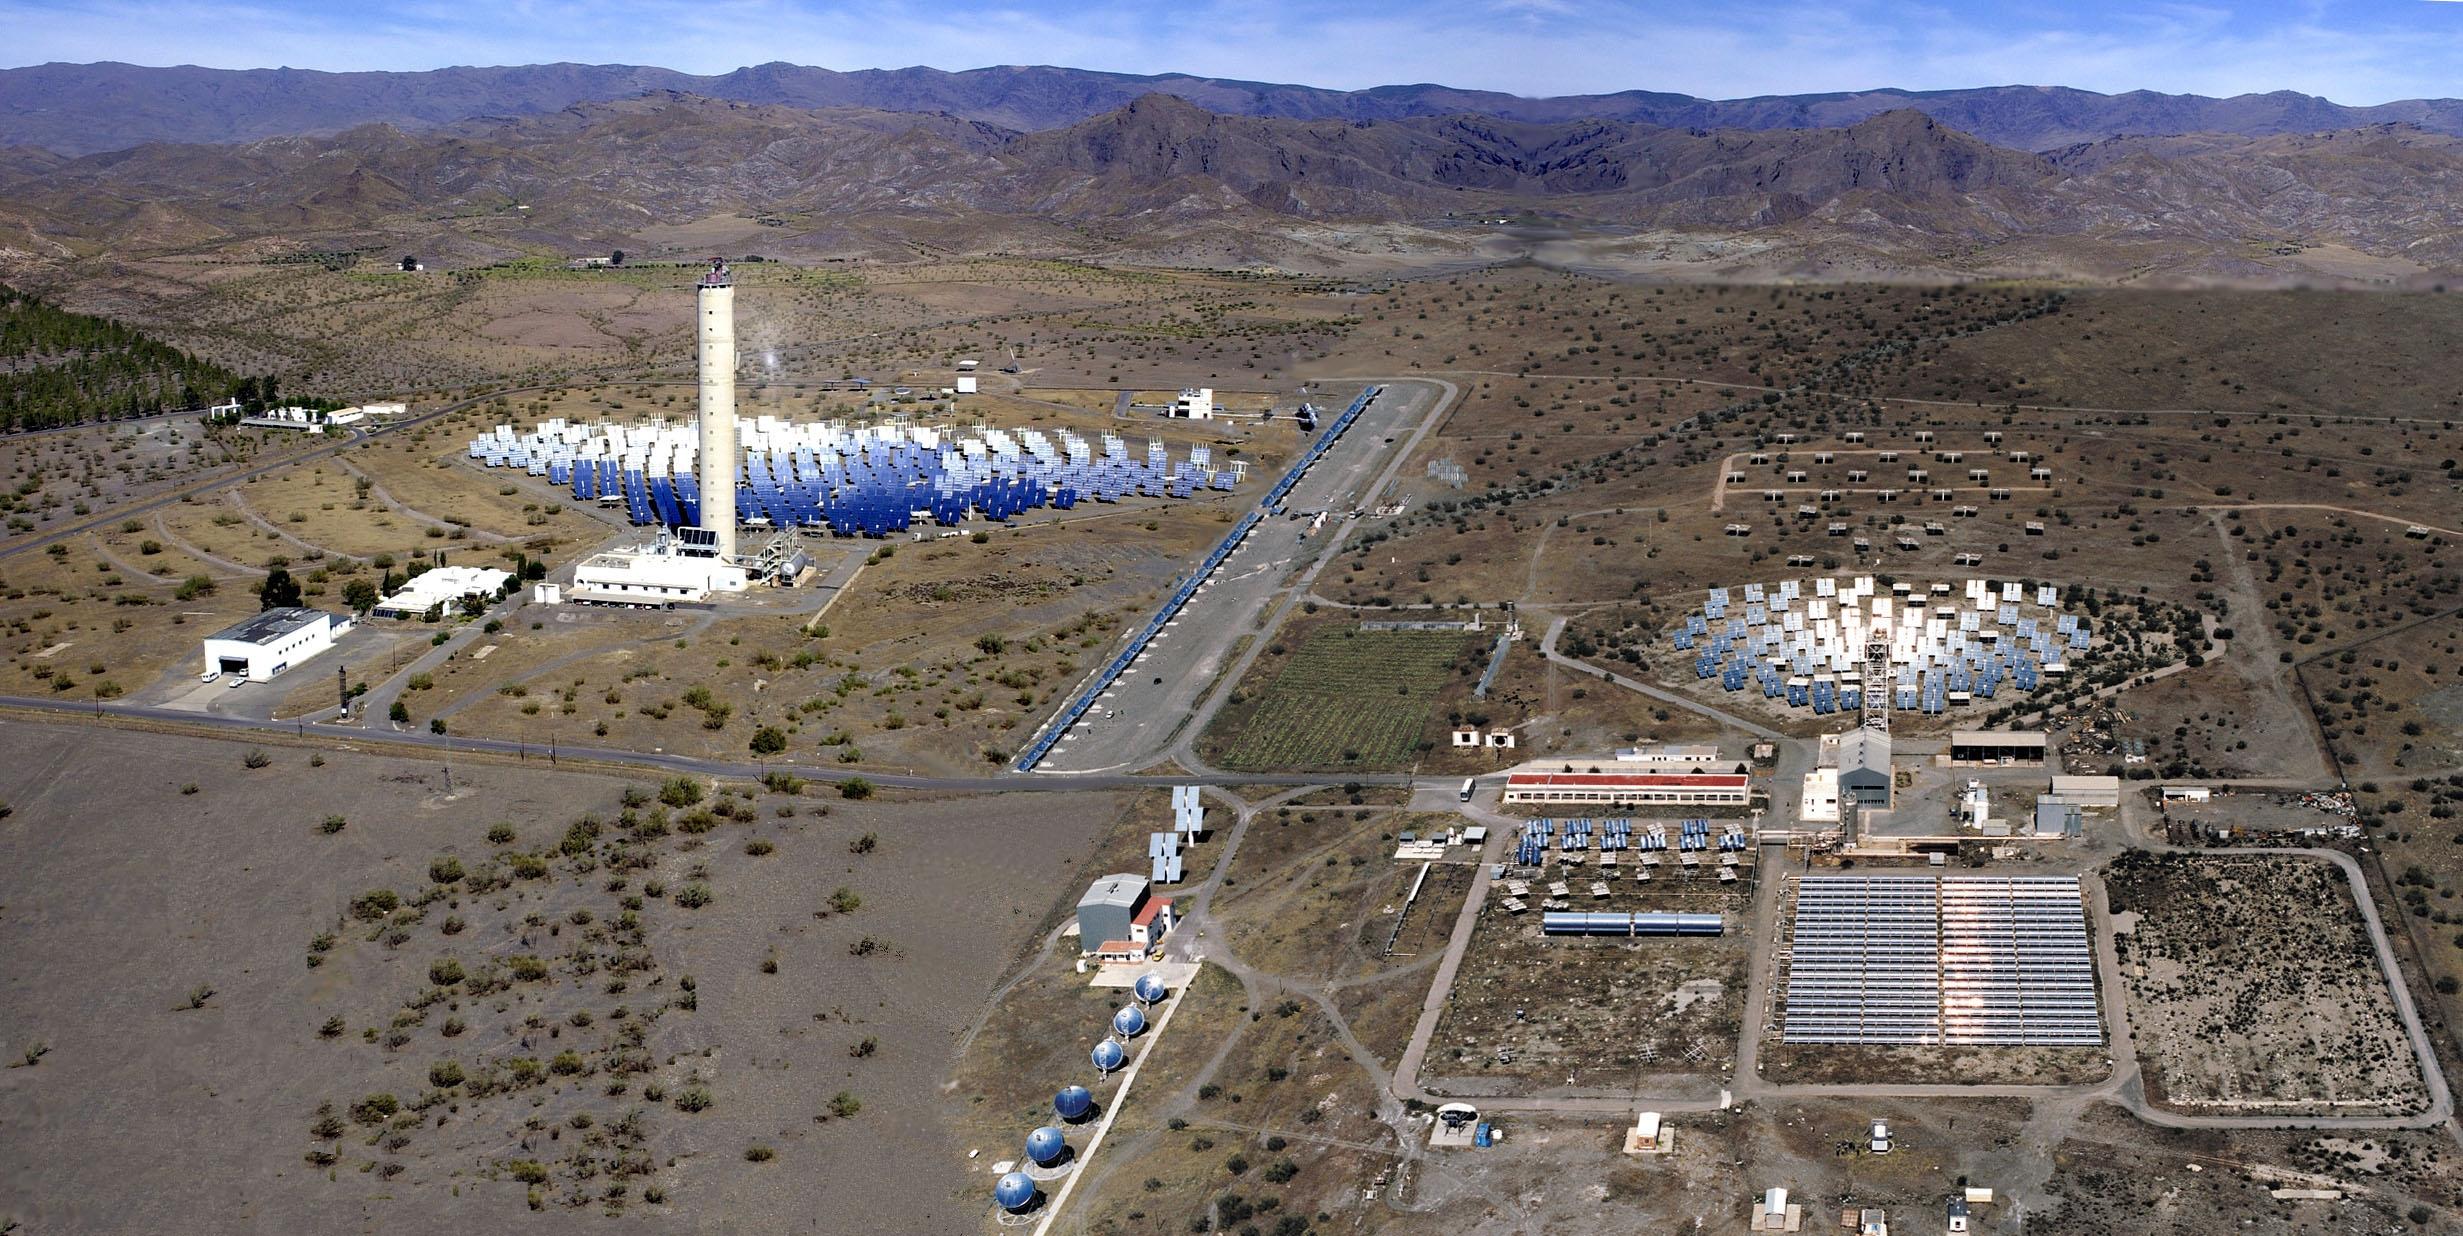 http://www.evwind.com/wp-content/uploads/2013/04/plataforma_solar_almeria.jpg